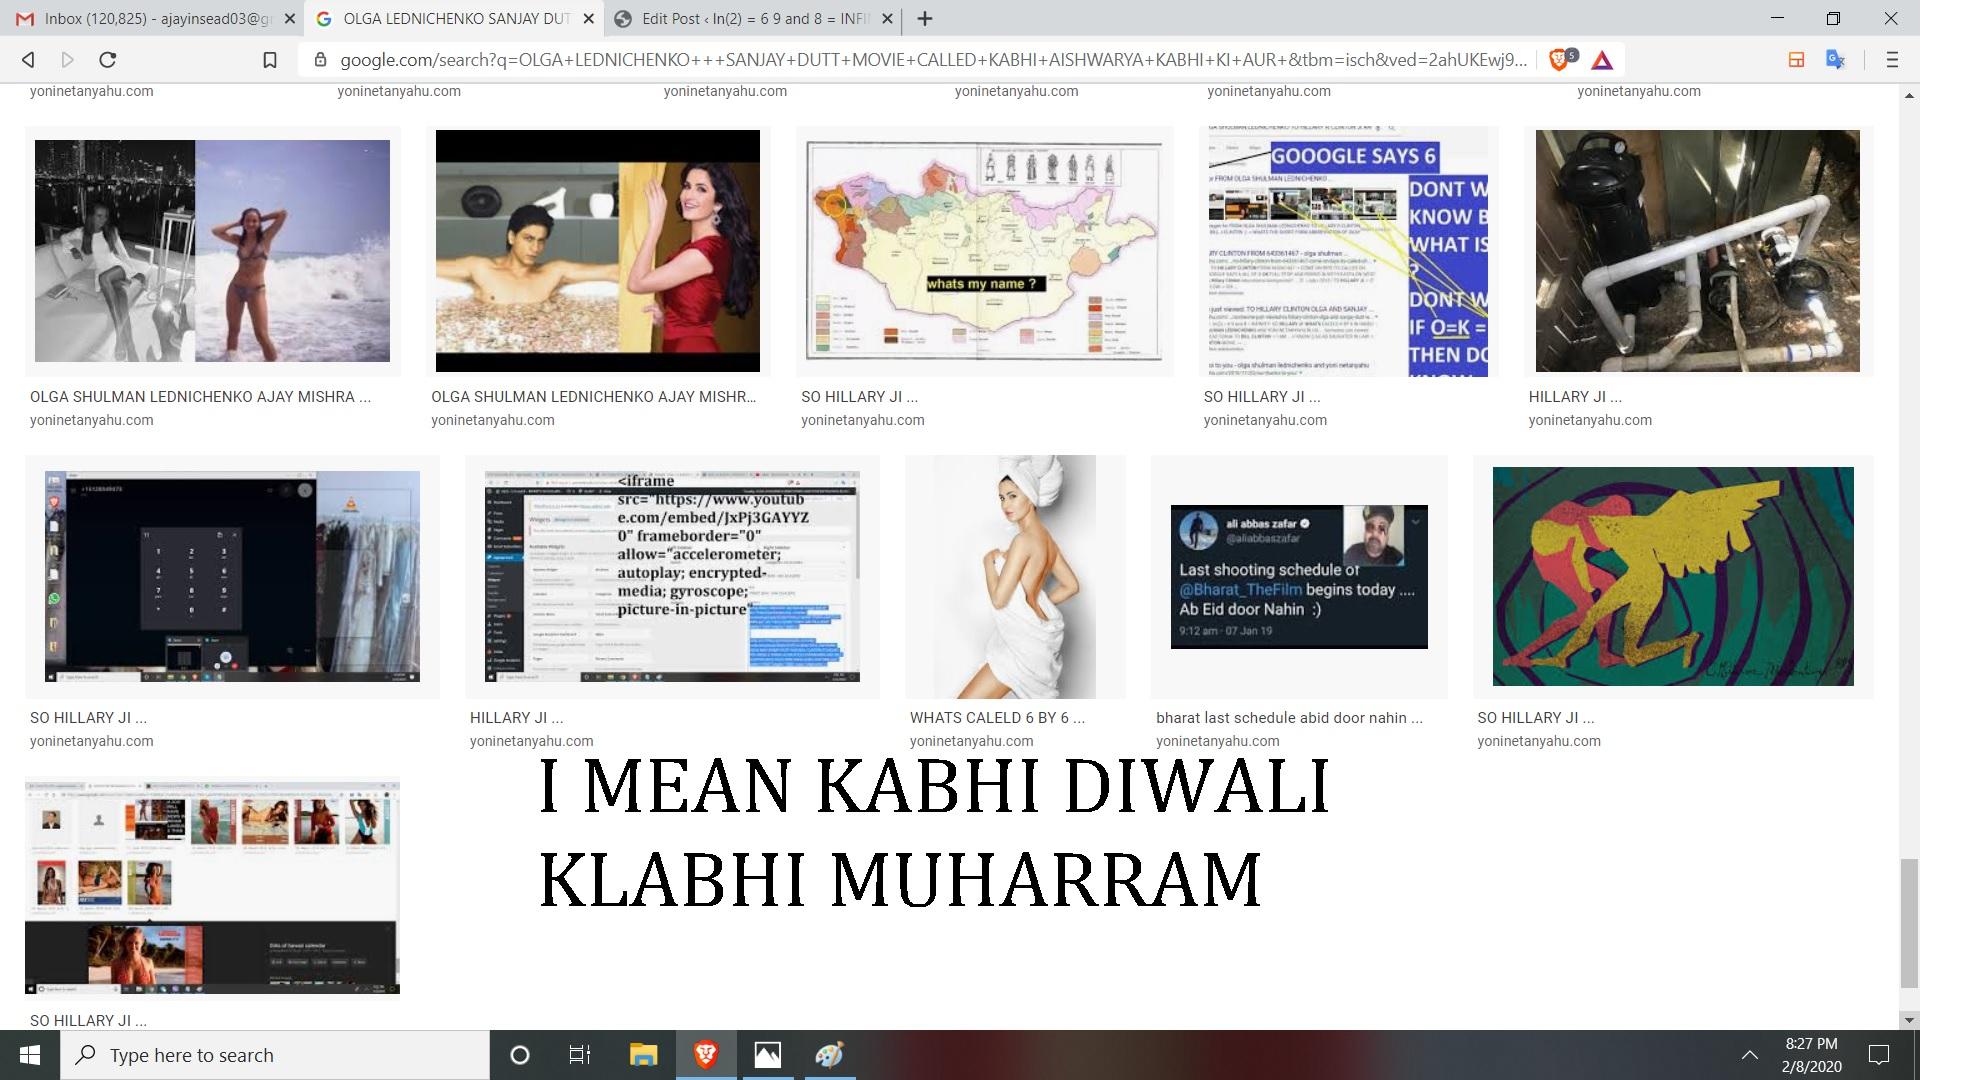 I MEAN KABHI AISHWARYA KABHI KOI AUR, I MEAN KABHI DIWLAI KABHI MUHARRAM